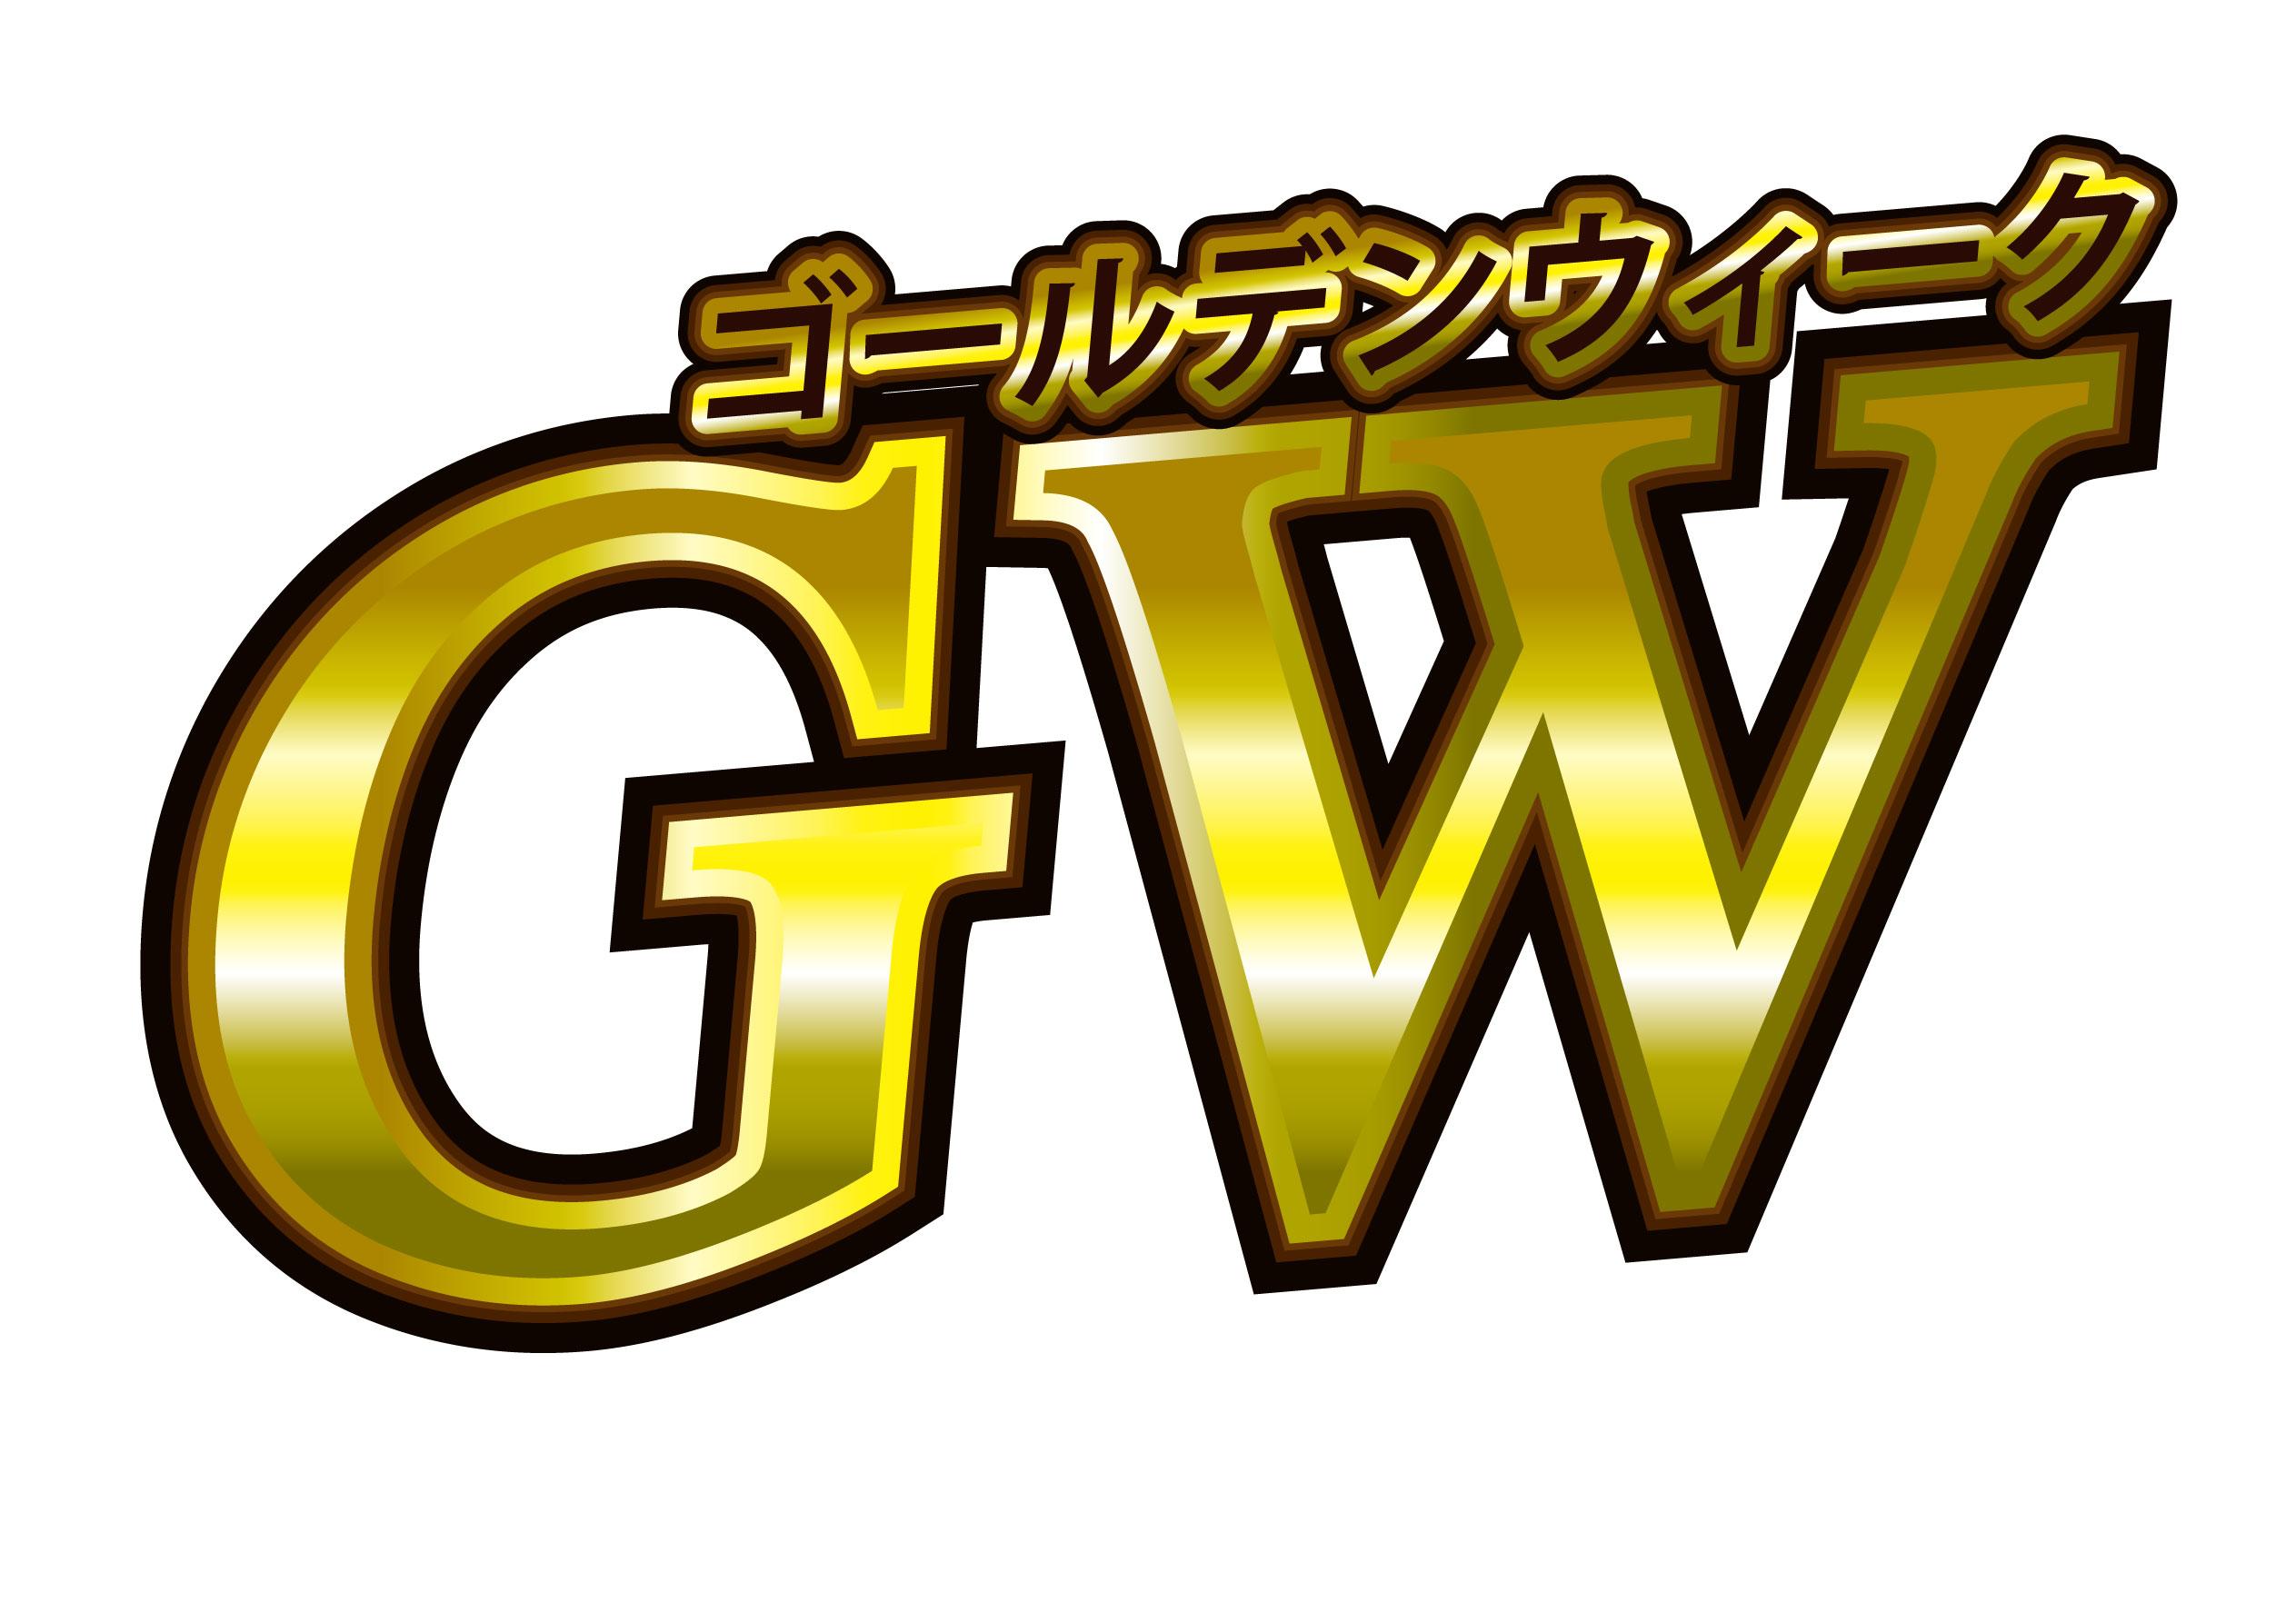 【10連休】ゴールデンウィーク キャッシュコーナー取り扱い